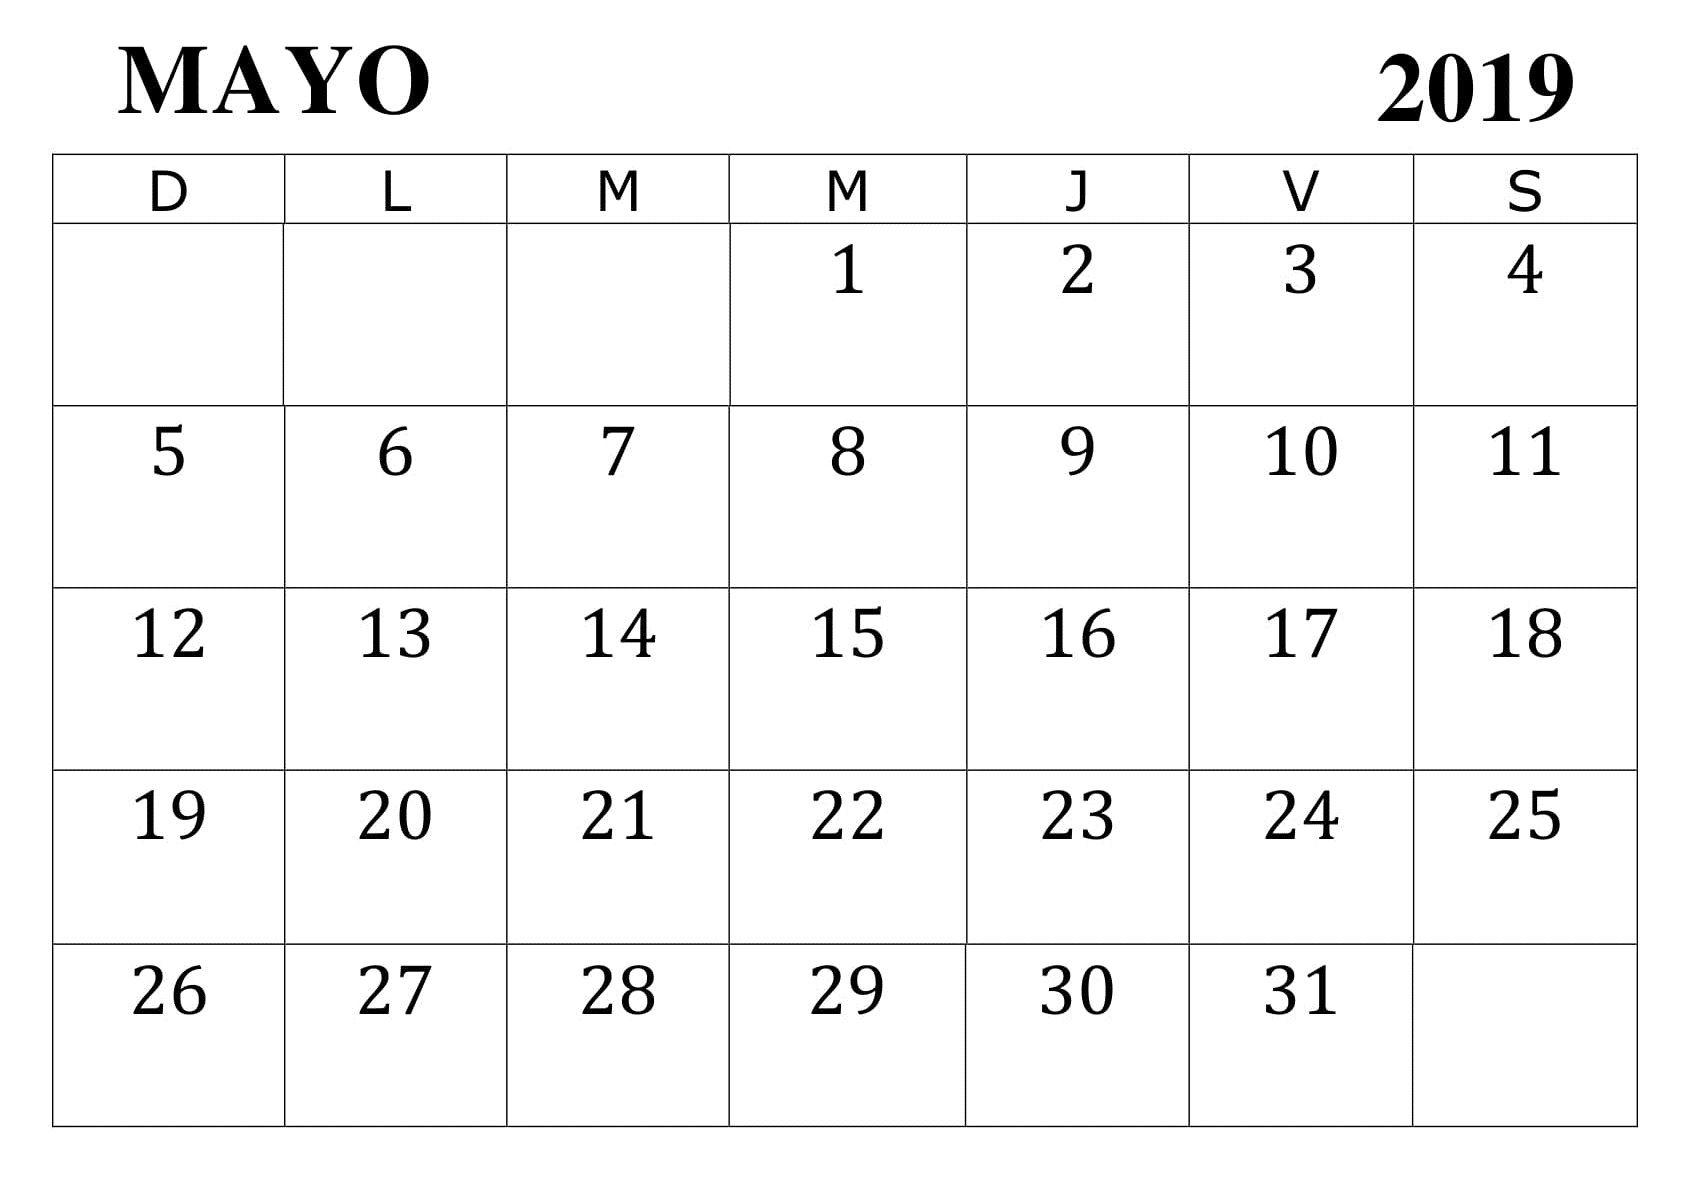 Calendario Grande.Mayo 2019 Calendario Pdf 200 May 2019 Printable Calendar